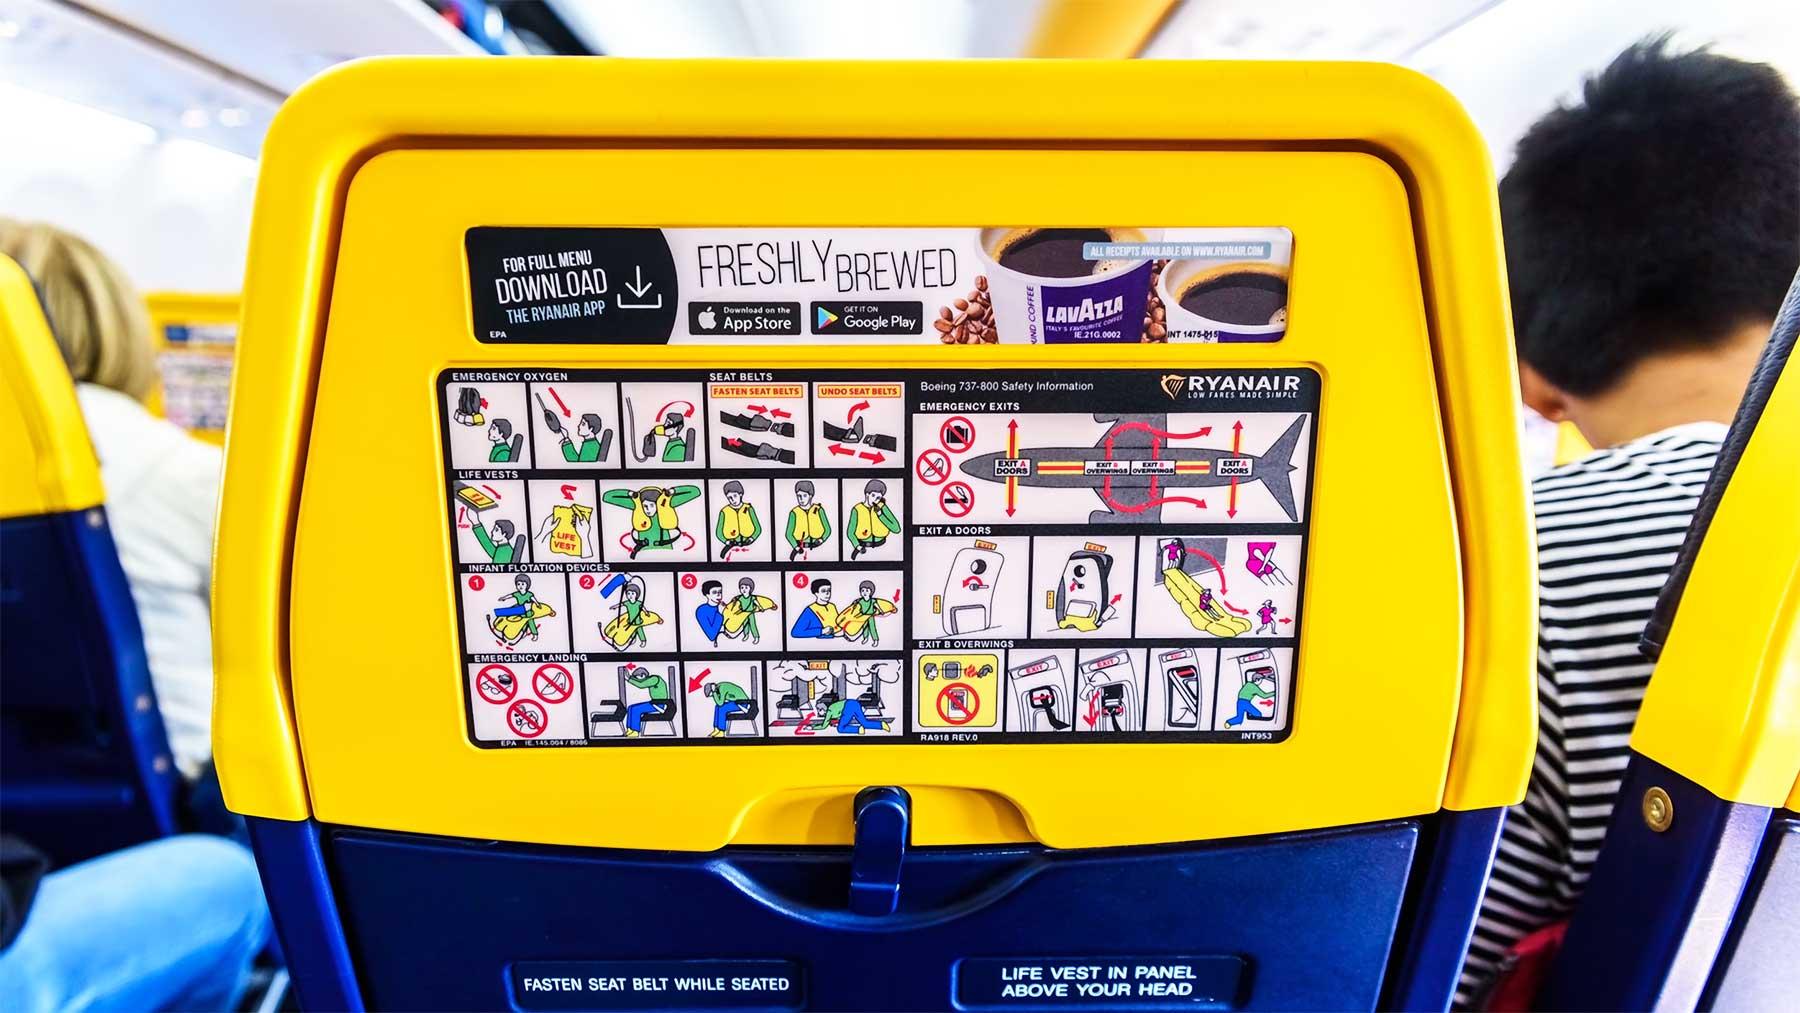 Das Design der Sicherheitshinweise von Ryanair ist ziemlich seltsam... RyanAir-Sicherheitshinweise